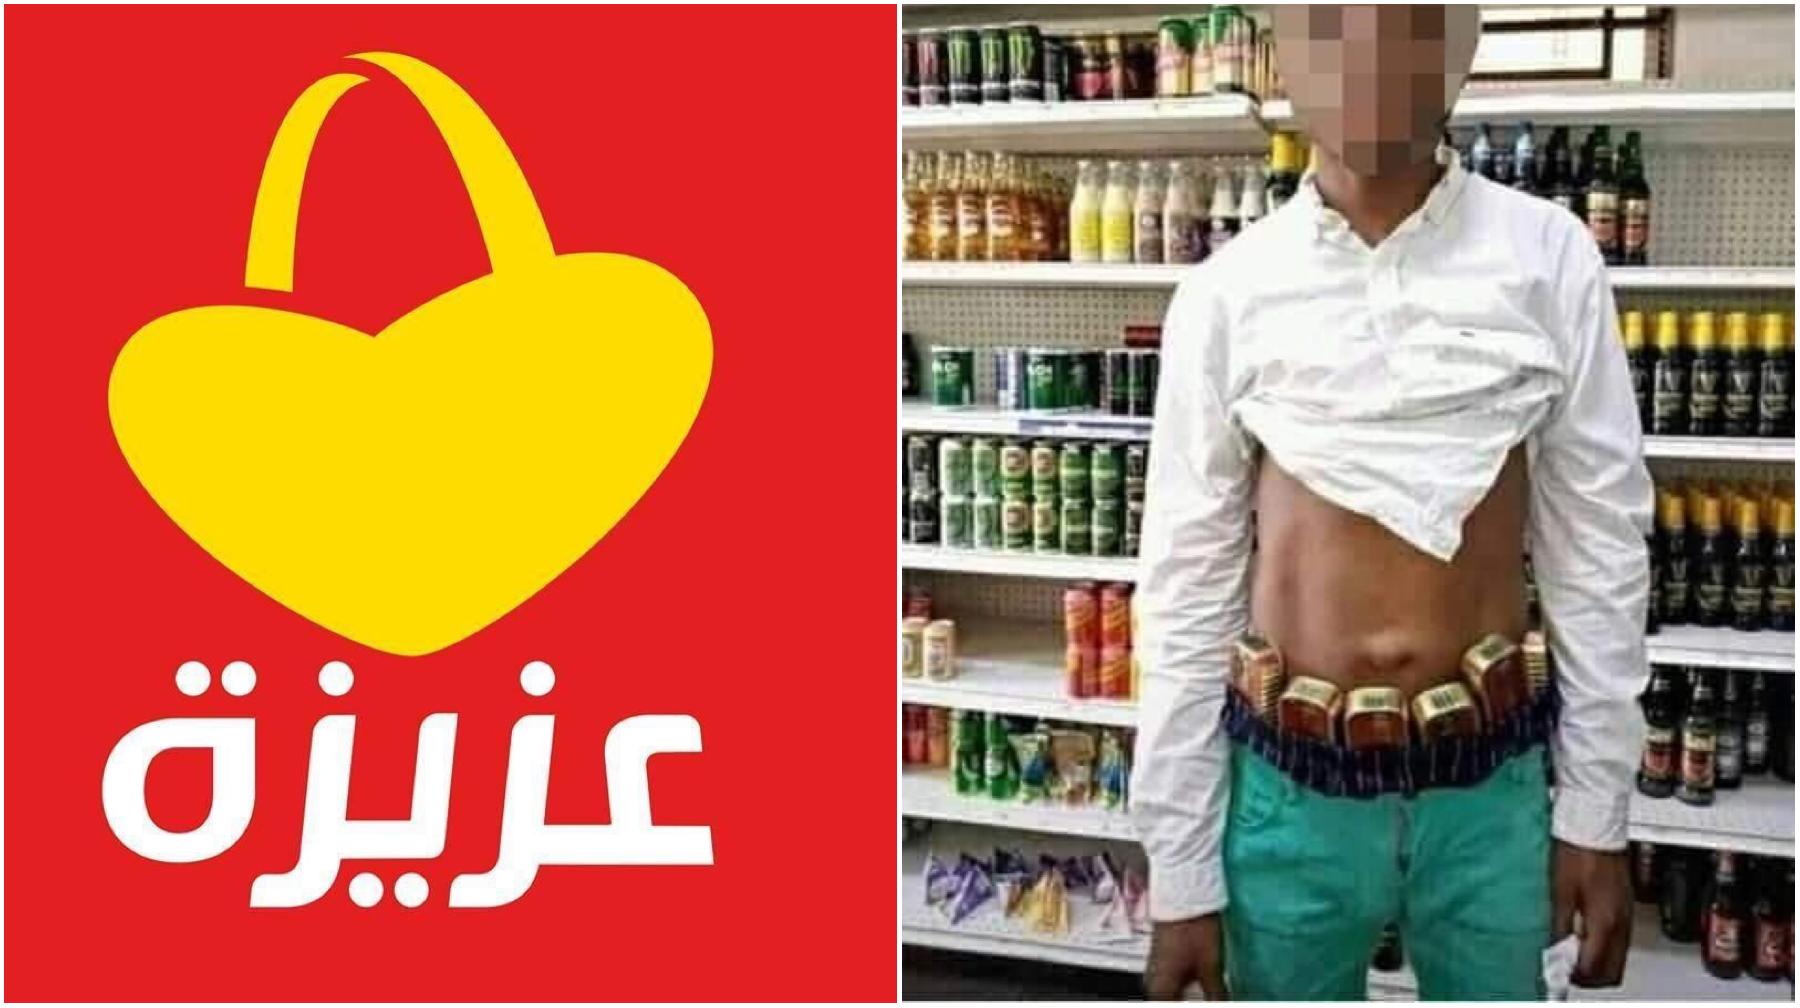 بالصور: الحكم ب 3 أشهر سجنا بعد القبض على كهل بصدد سرقة 12 حكة سردينة من مغازة عزيزة